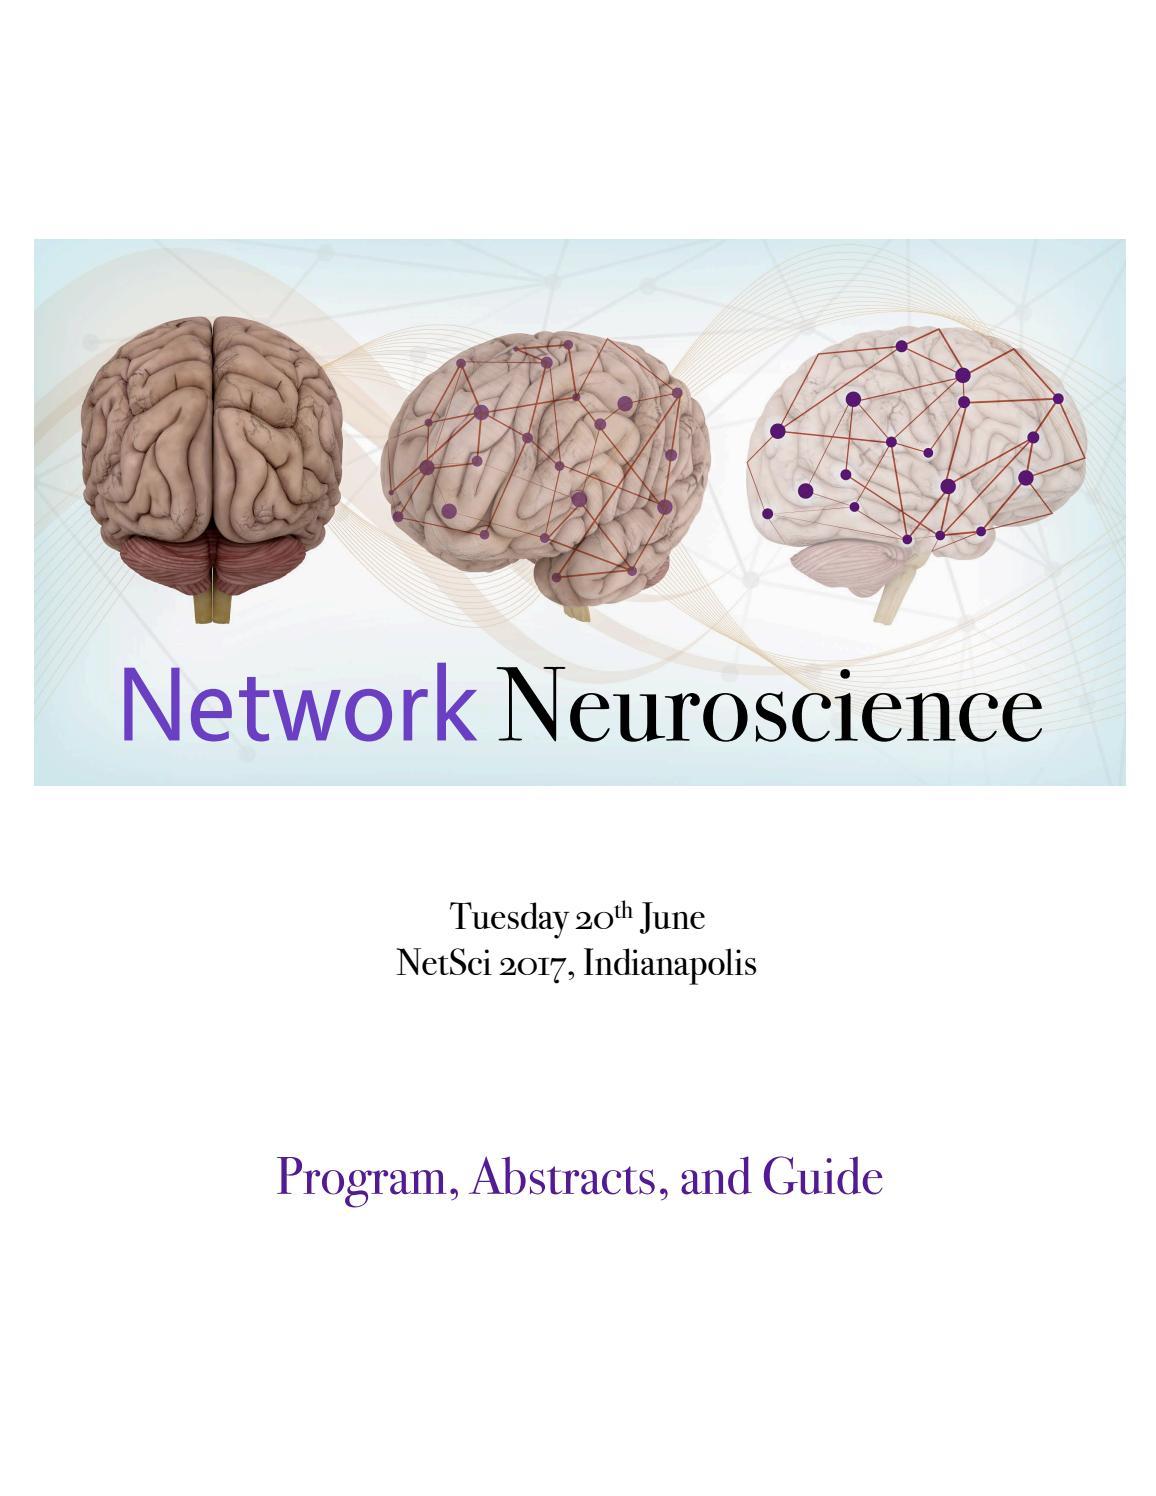 Network neuroscience 2017 program by NetworkNeuroscience ...